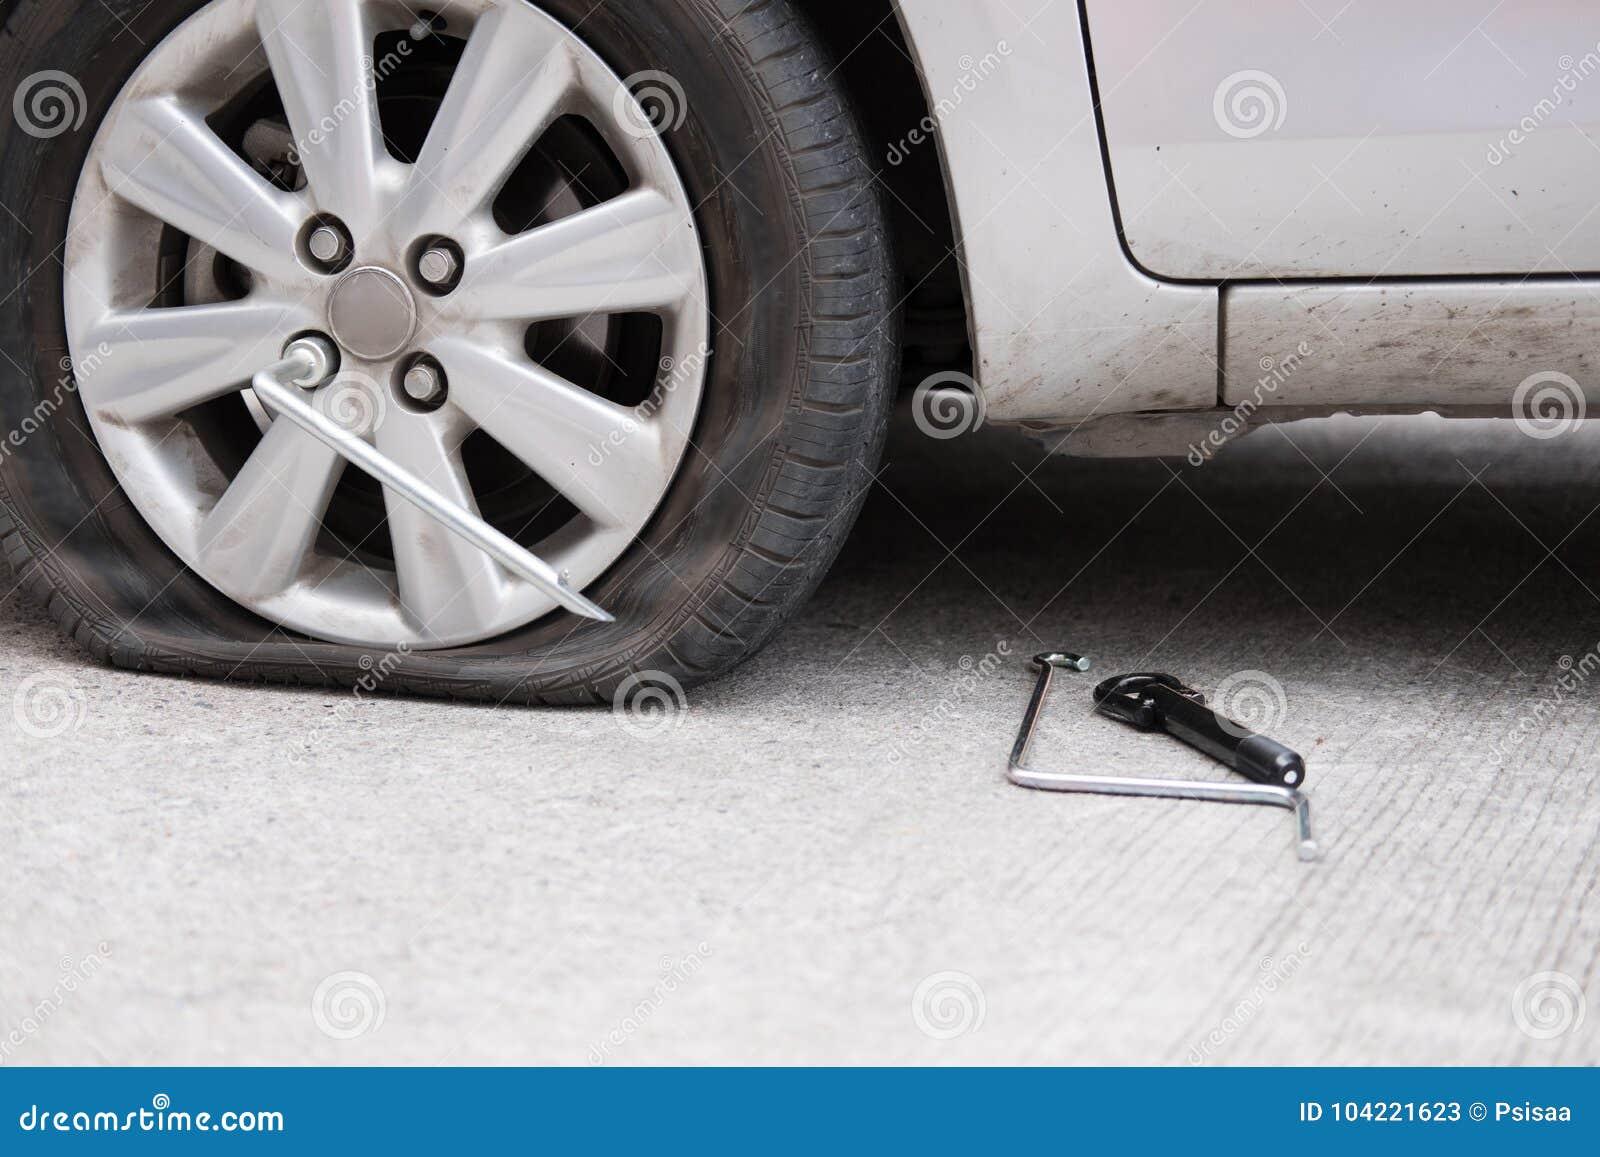 Διαρροή ροδών αυτοκινήτων λόγω του σφυροκοπήματος καρφιών επίπεδο ελαστικό αυτοκινήτου στο δρόμο flatt